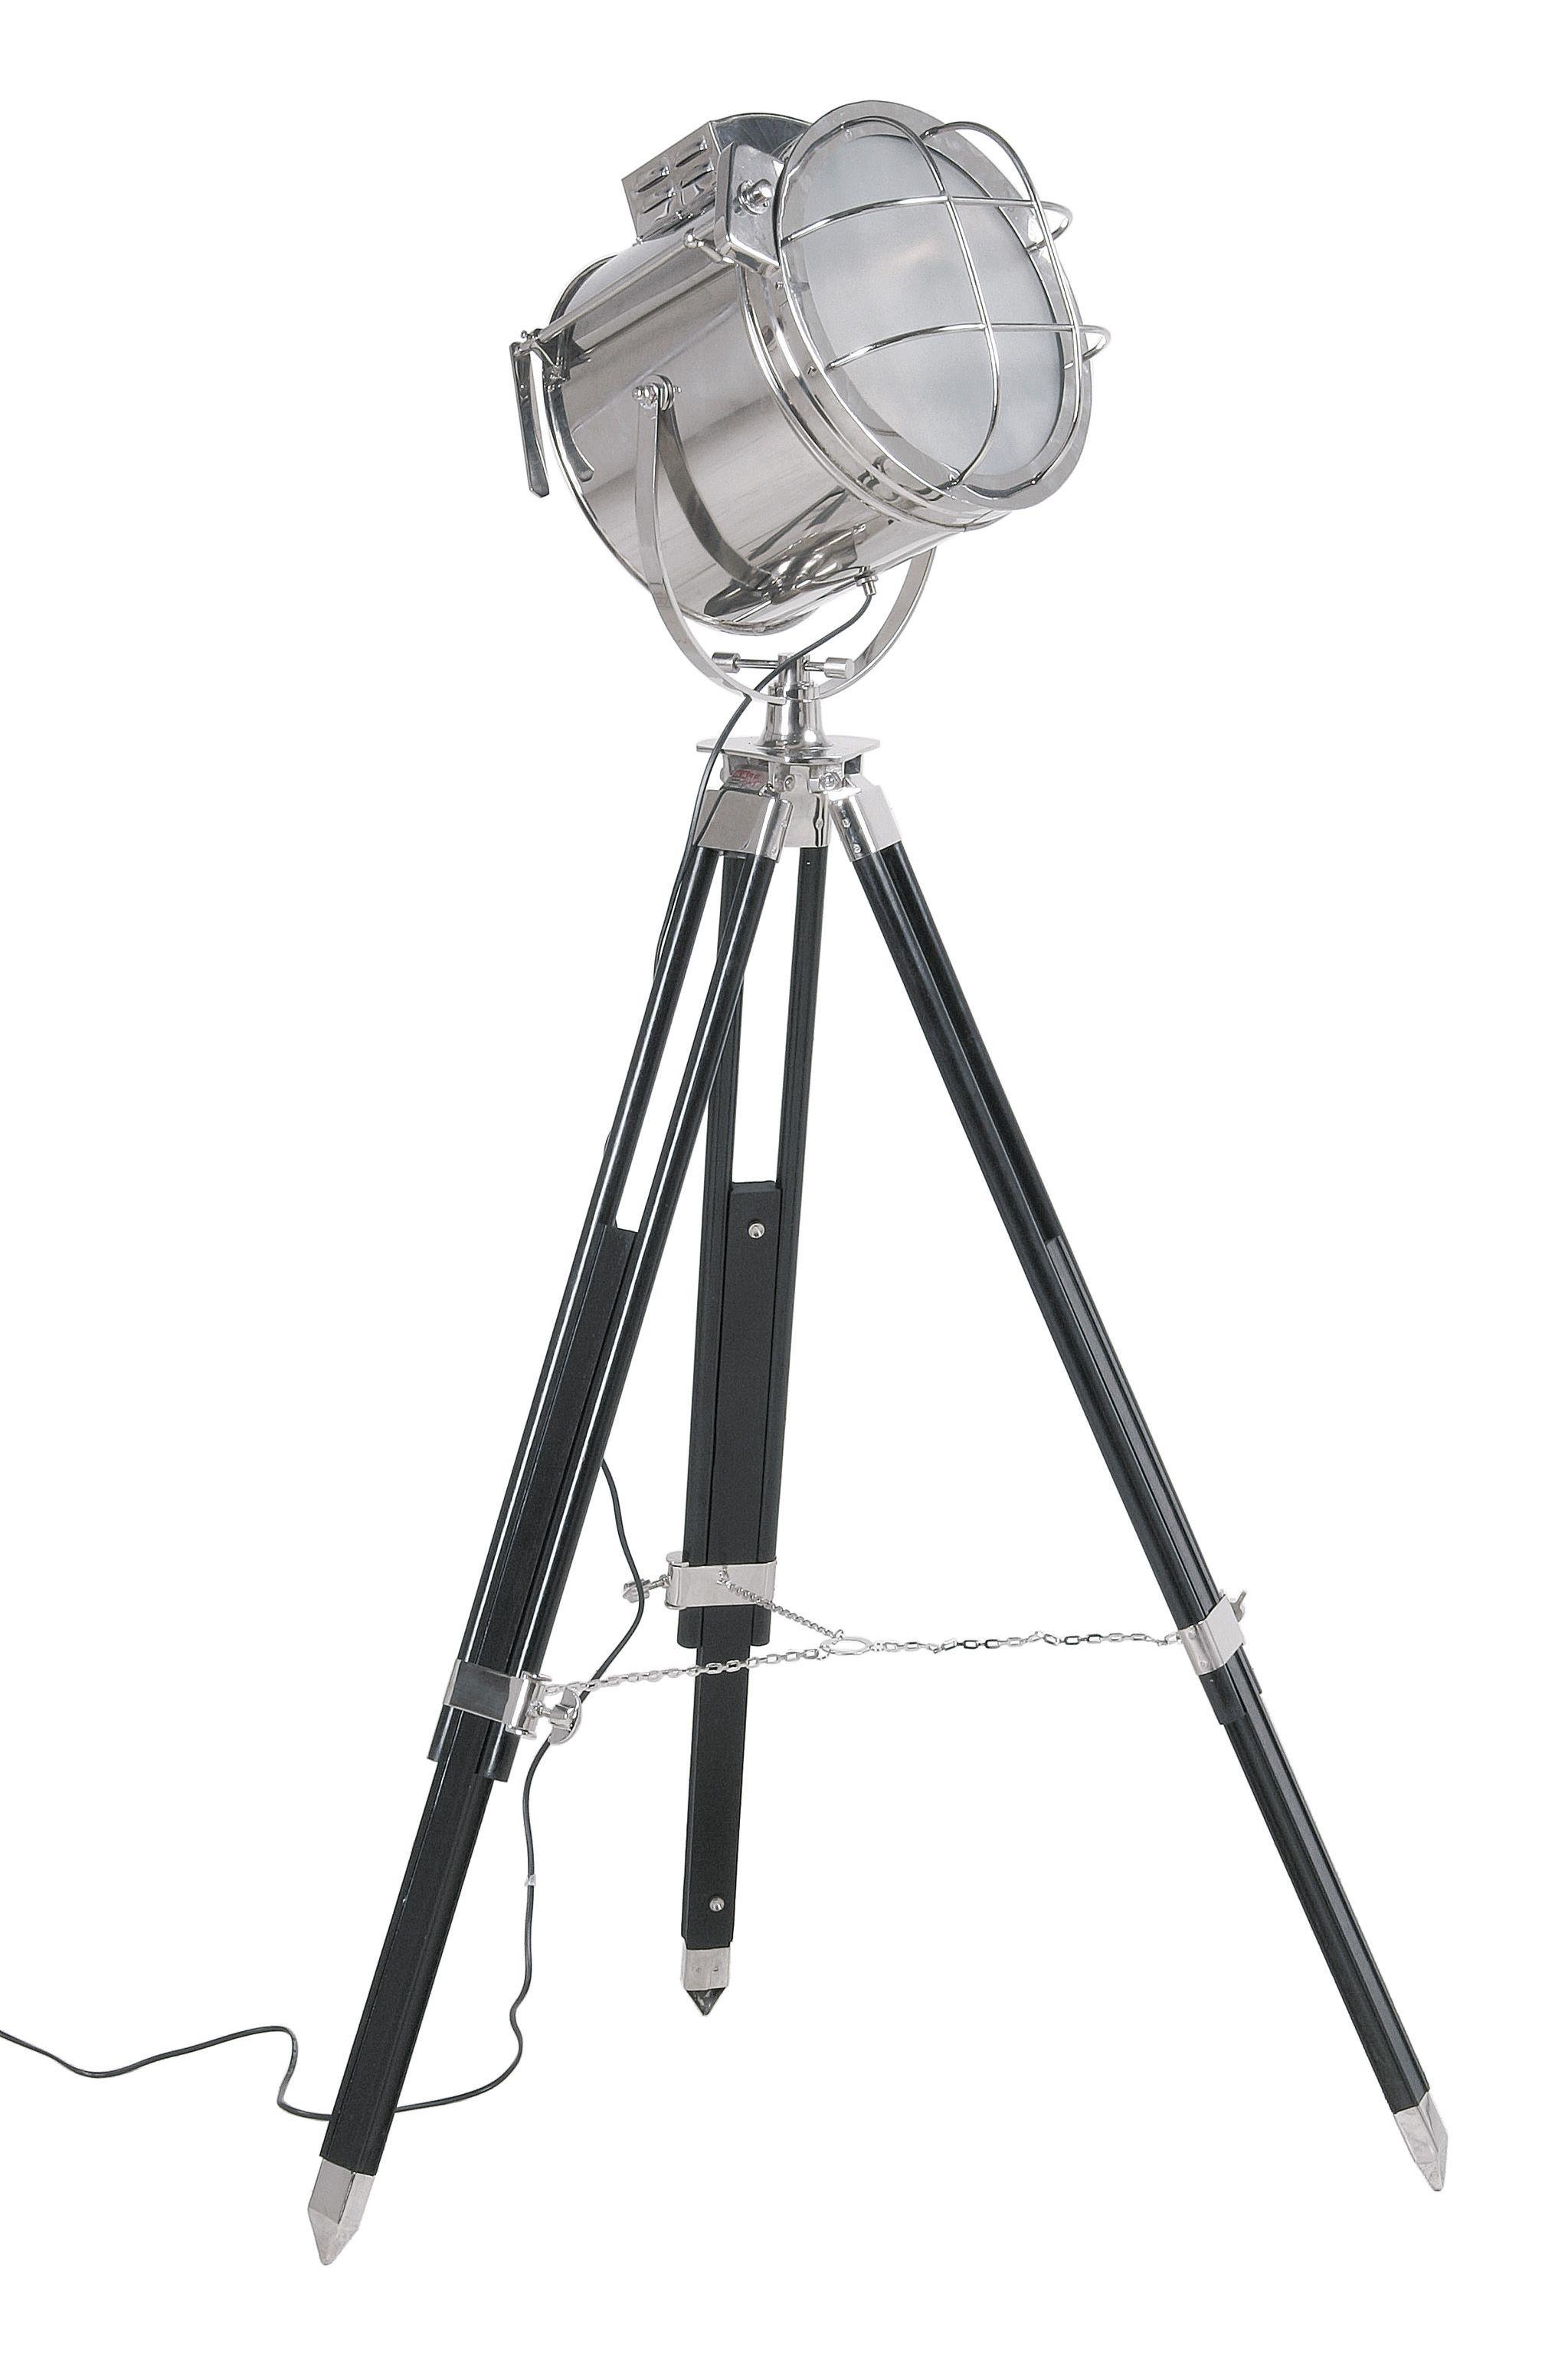 KARE Design Höhenverstellbare Stehleuchte SL Metropolis Spot Aus  Vernickeltem Stahl, Sheesham Holz Und Glas Im Stil Einer Filmset Beleuchtung,  Ausgelegt Für ...